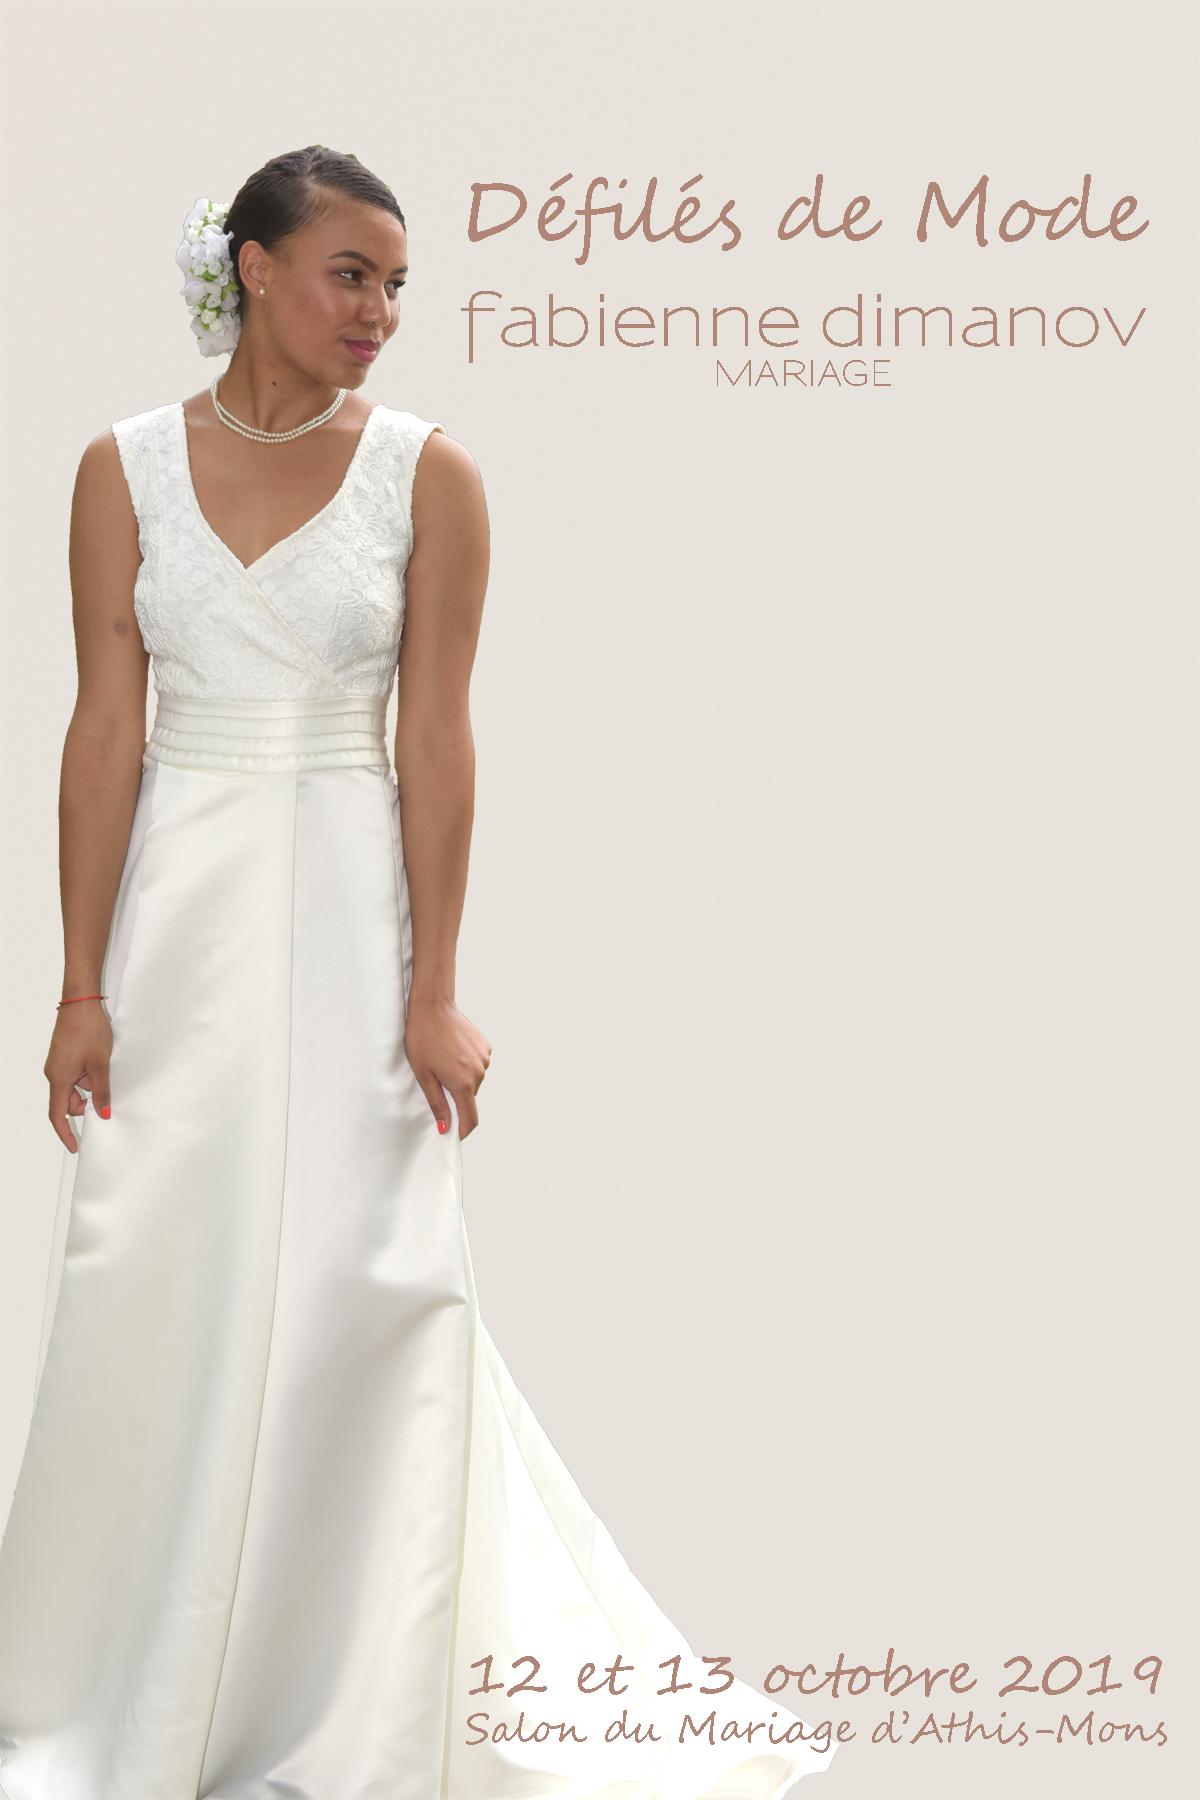 Salon du mariage - Défilé collection Mariées 2020 - D'ART & D'AMOUR - Fabienne Dimanov Mariage